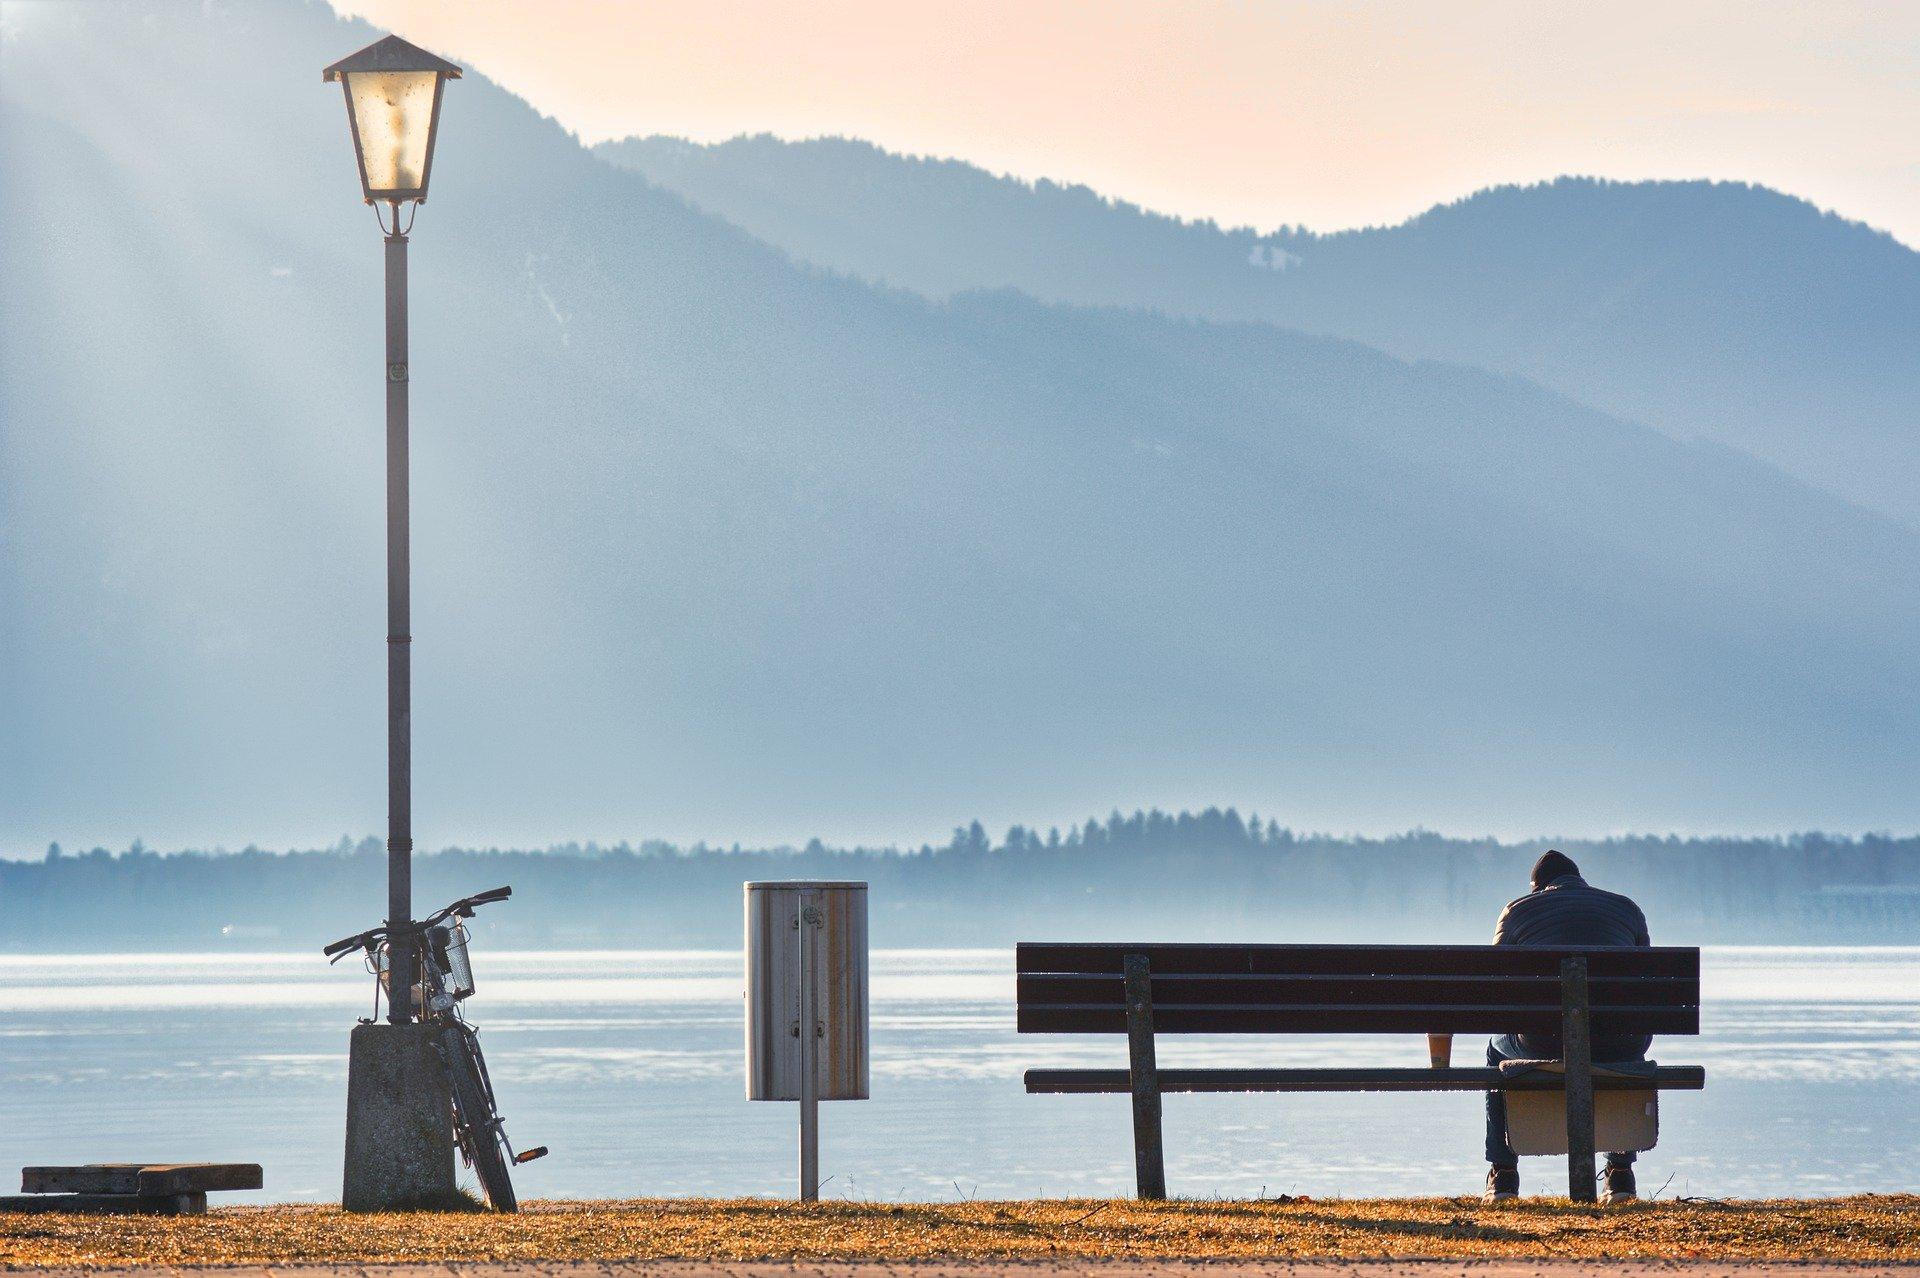 Los trastornos psicológicos son también una enfermedad grave. Hay que tratarlos lo antes posible para que no se conviertan en una adicción o un comportamiento adictivo.